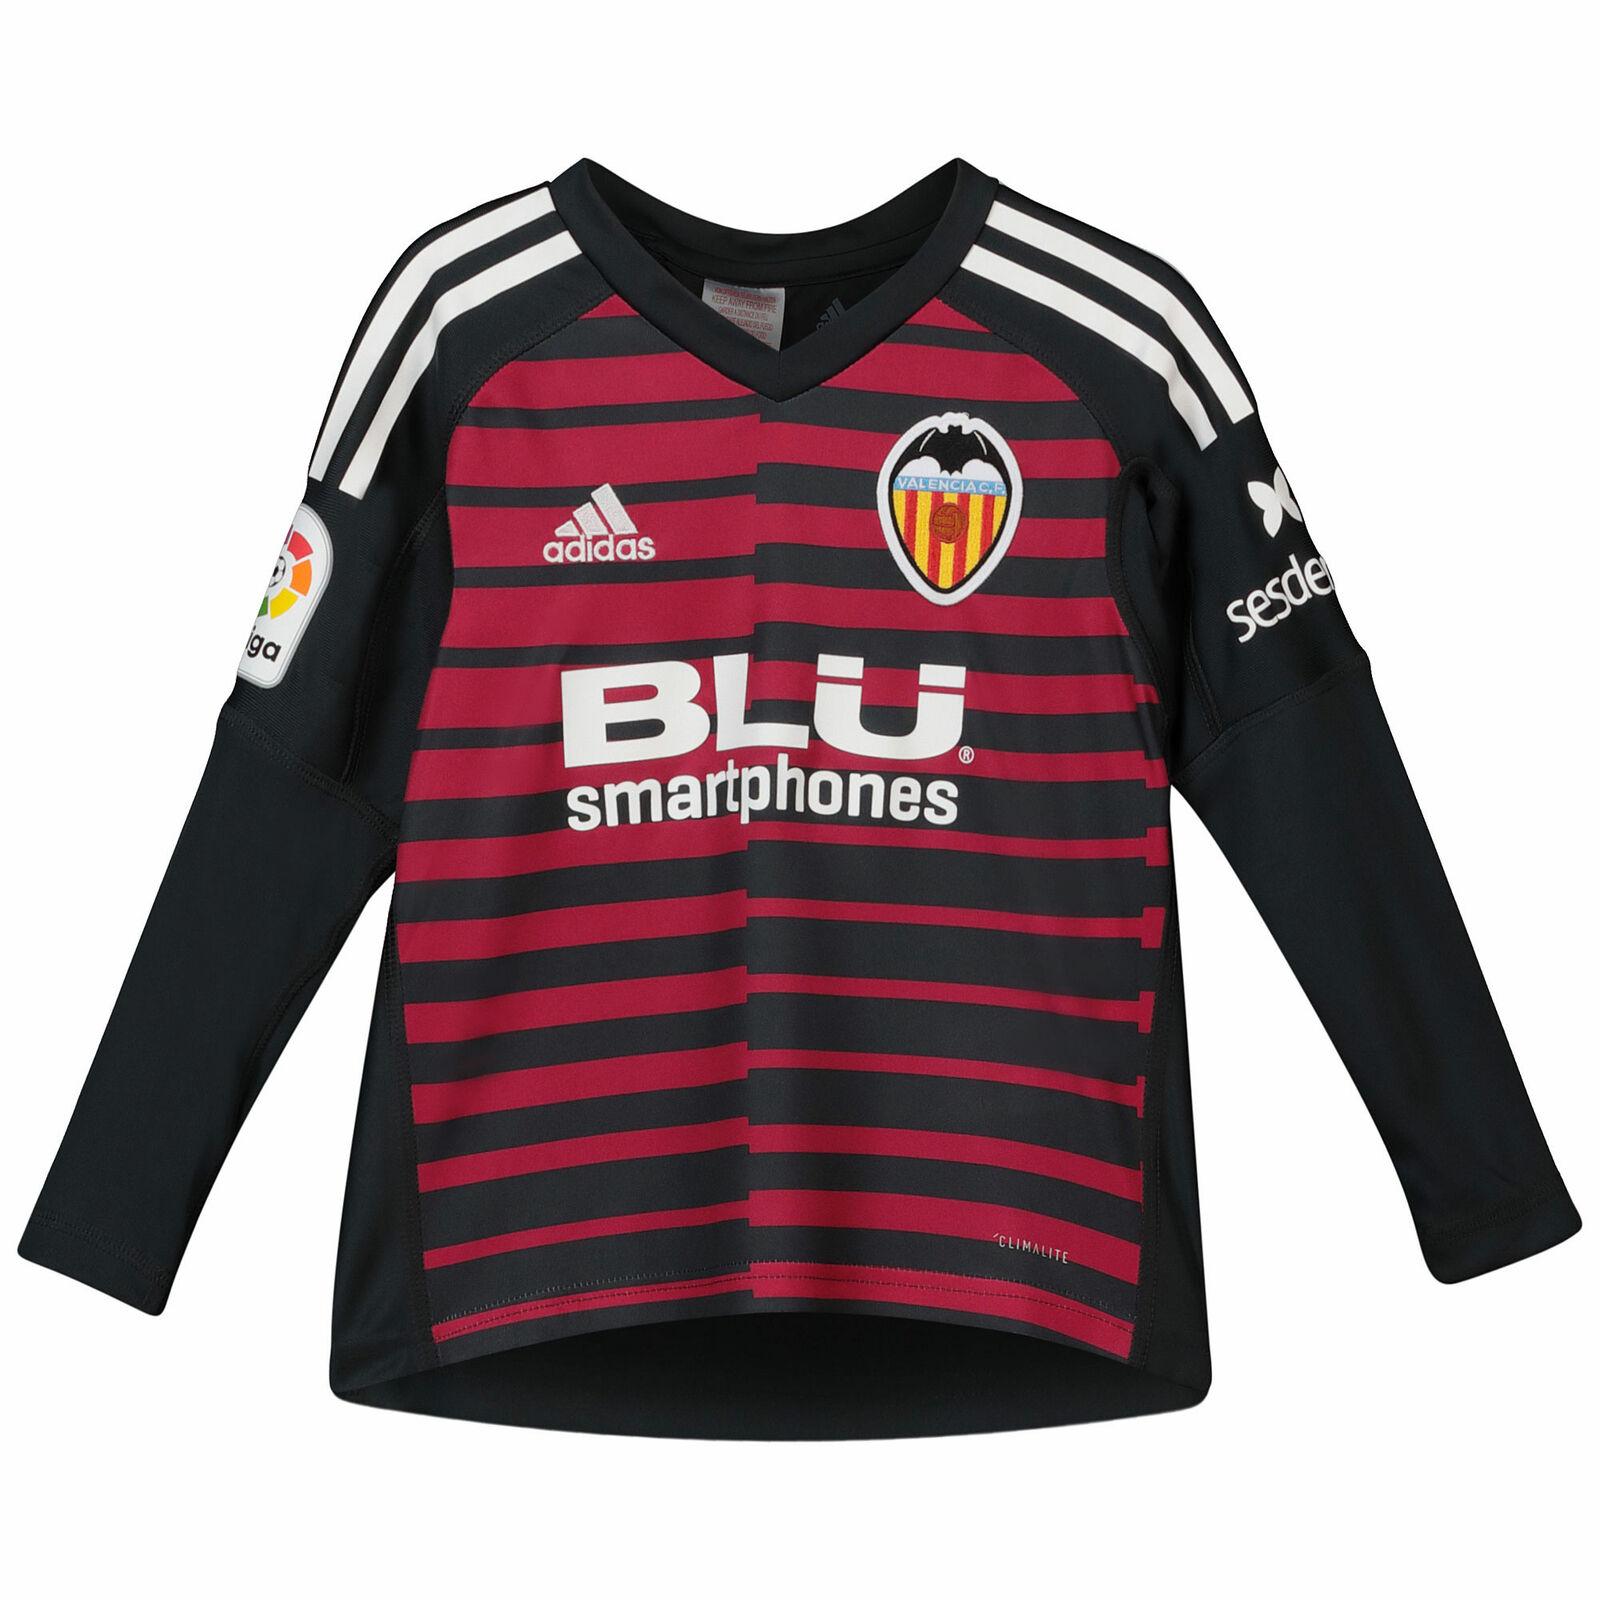 Offiziell Valencia CF Torwart Shirt Trikot 2018 19 Jungen Langarm Fußball adidas